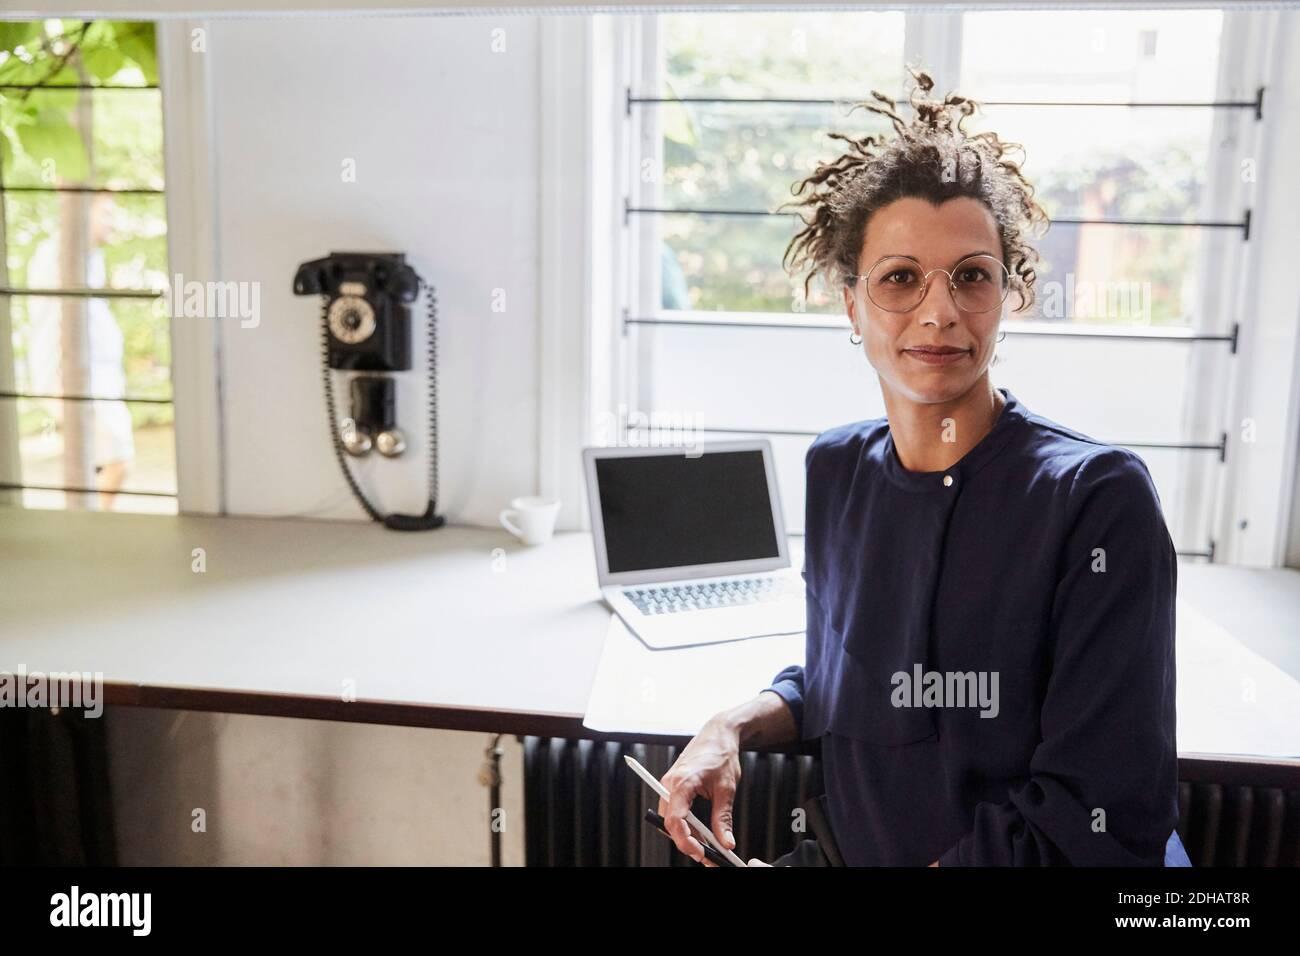 Portrait d'une femme architecte confiante assise à une table au bureau Banque D'Images